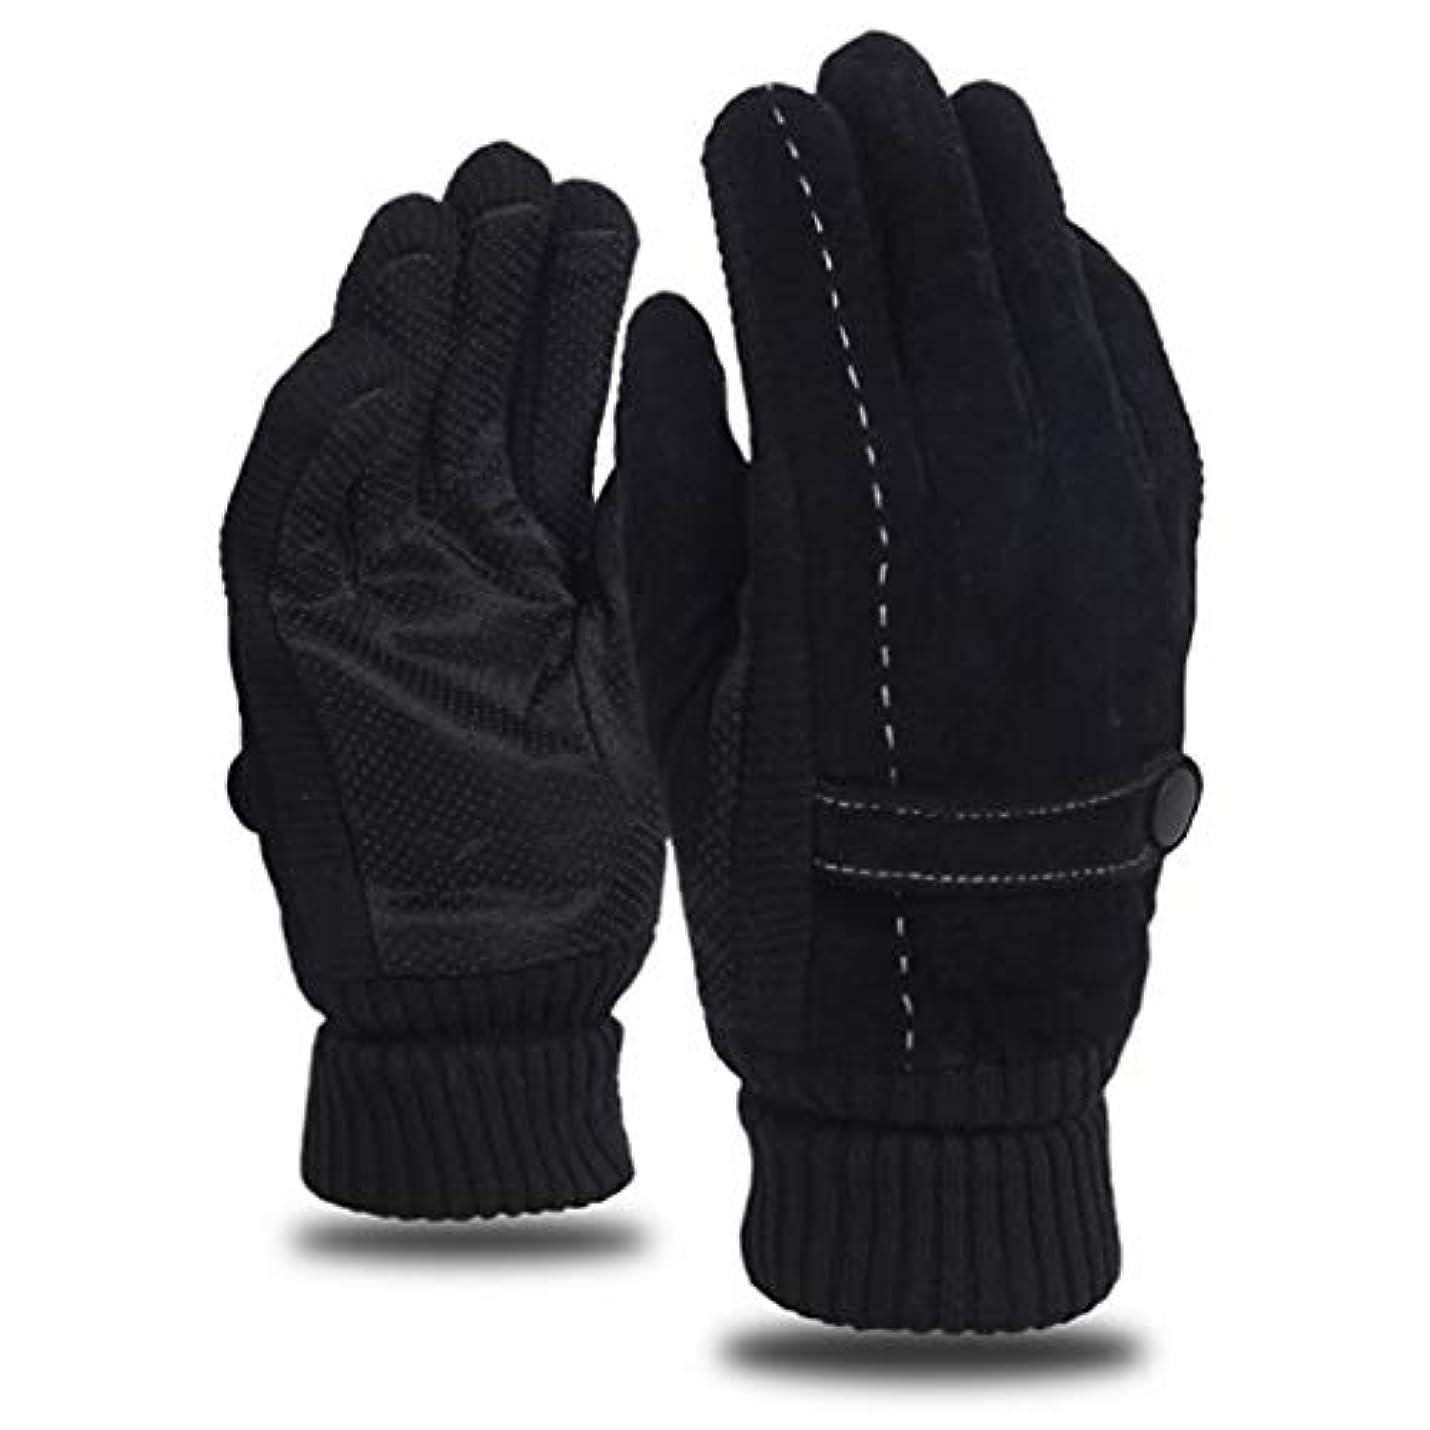 パドル死ぬプレビスサイトレザーグローブメンズウィンライディングプラスベルベット厚手暖かいドライビングアウトドアオートバイ防風コールドノンスリップメンズコットン手袋 (色 : 黒)